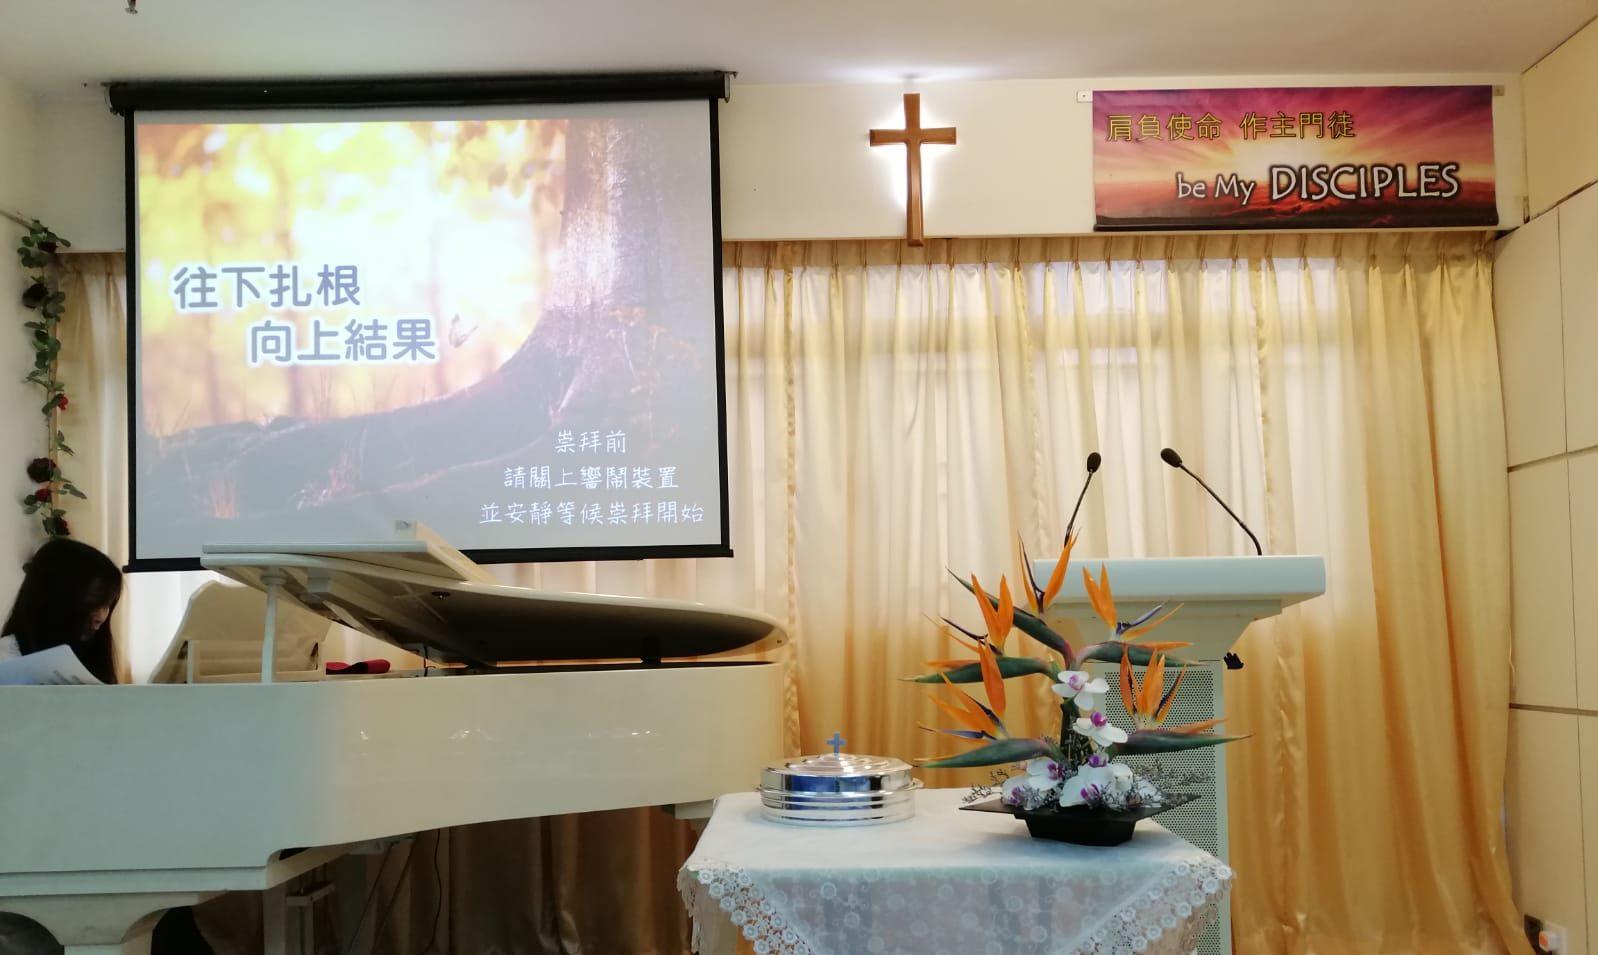 九龍城福音堂 - 得恩堂 KCEC Takyan Church